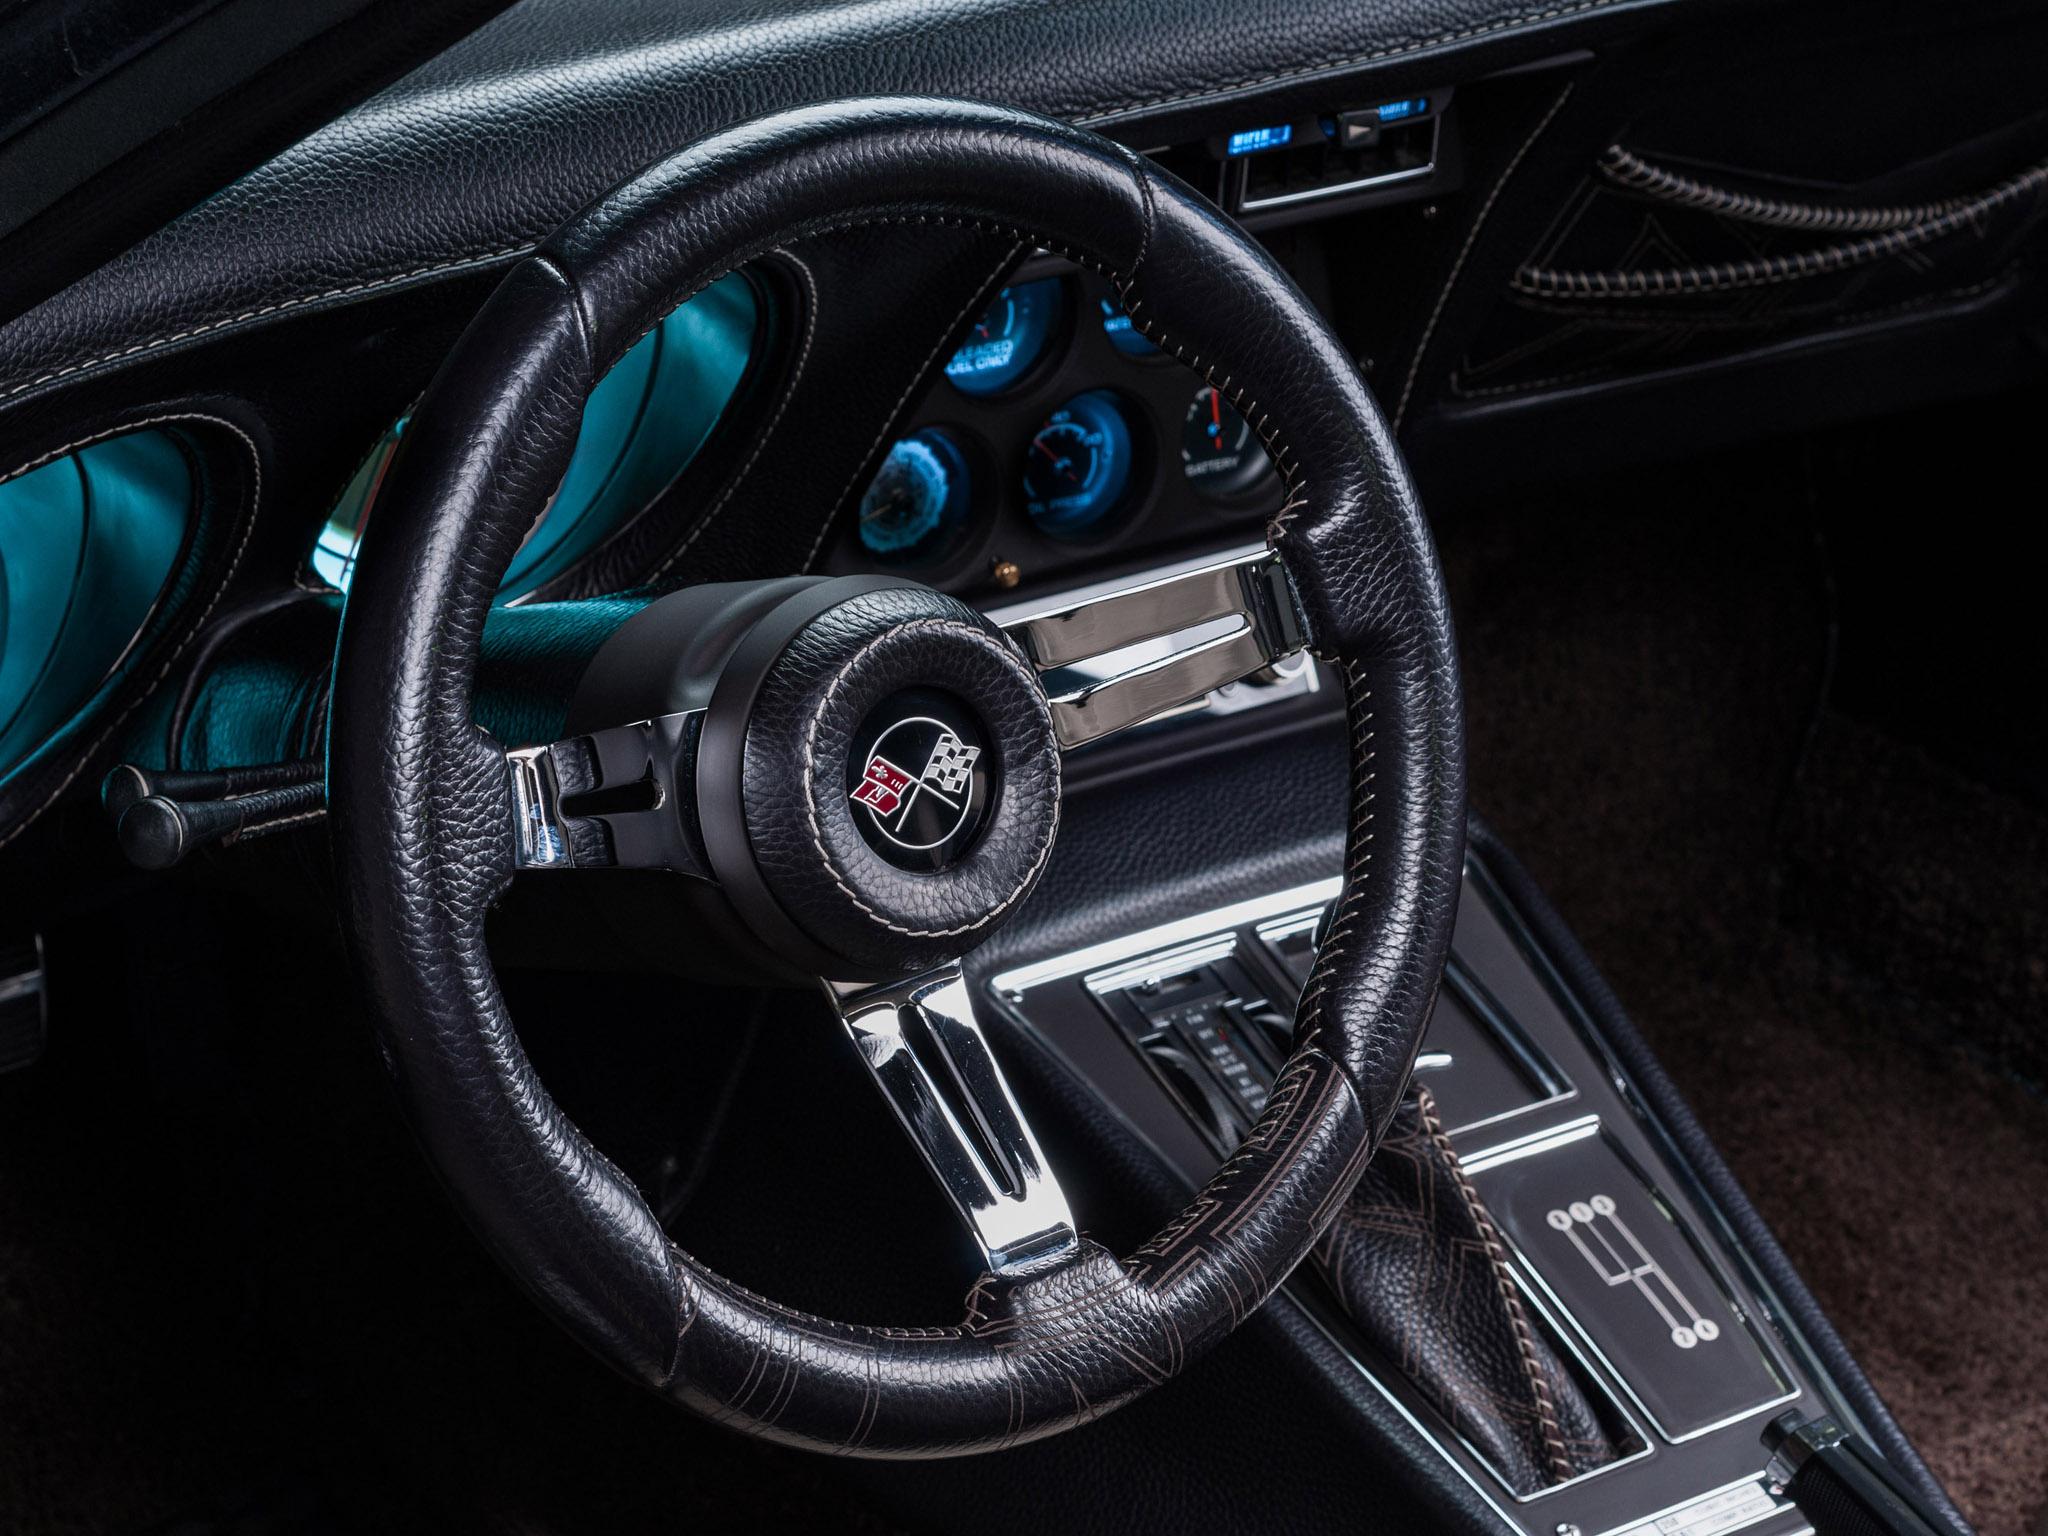 1976 Vilner Chevrolet Corvette Stingray Muscle Supercar Hot Rod Rods Interior D Wallpaper